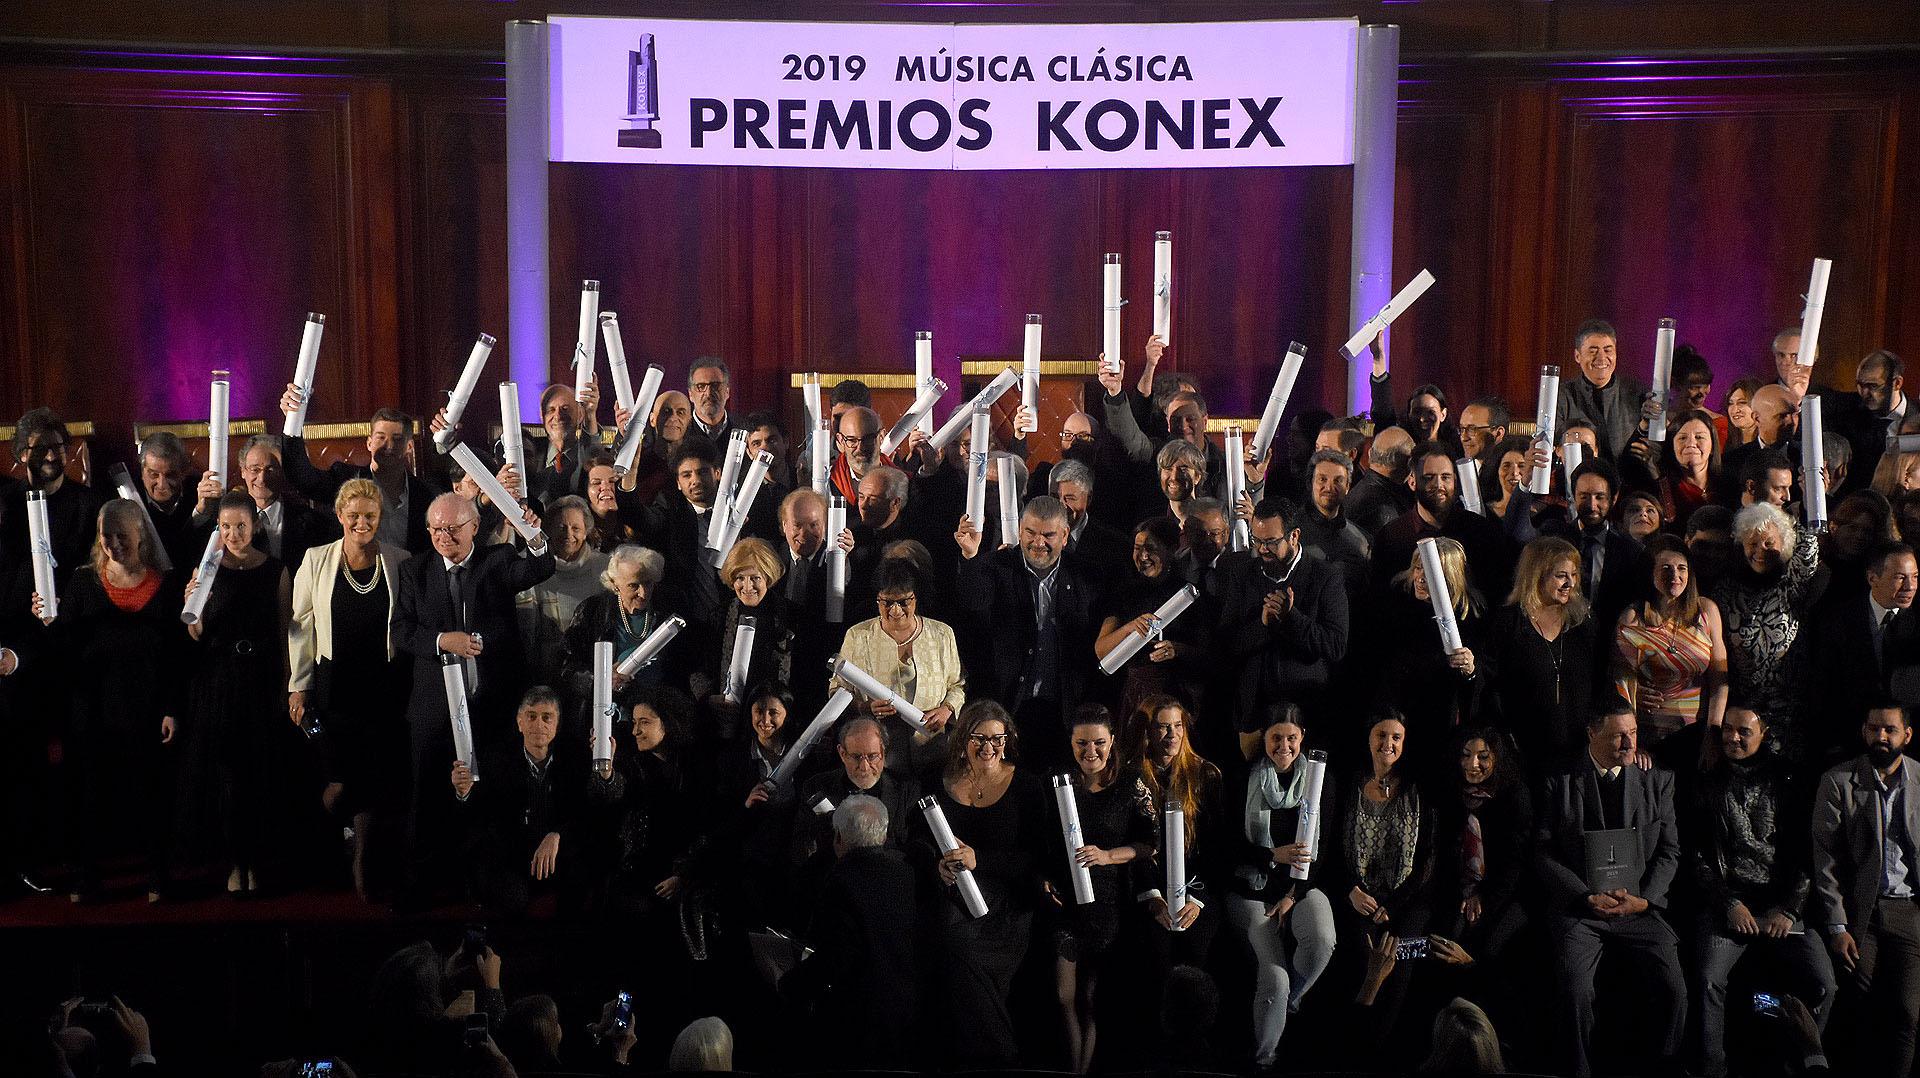 Emocionados y festejando, los premiados celebraron ser distinguidos por la Fundación Konex